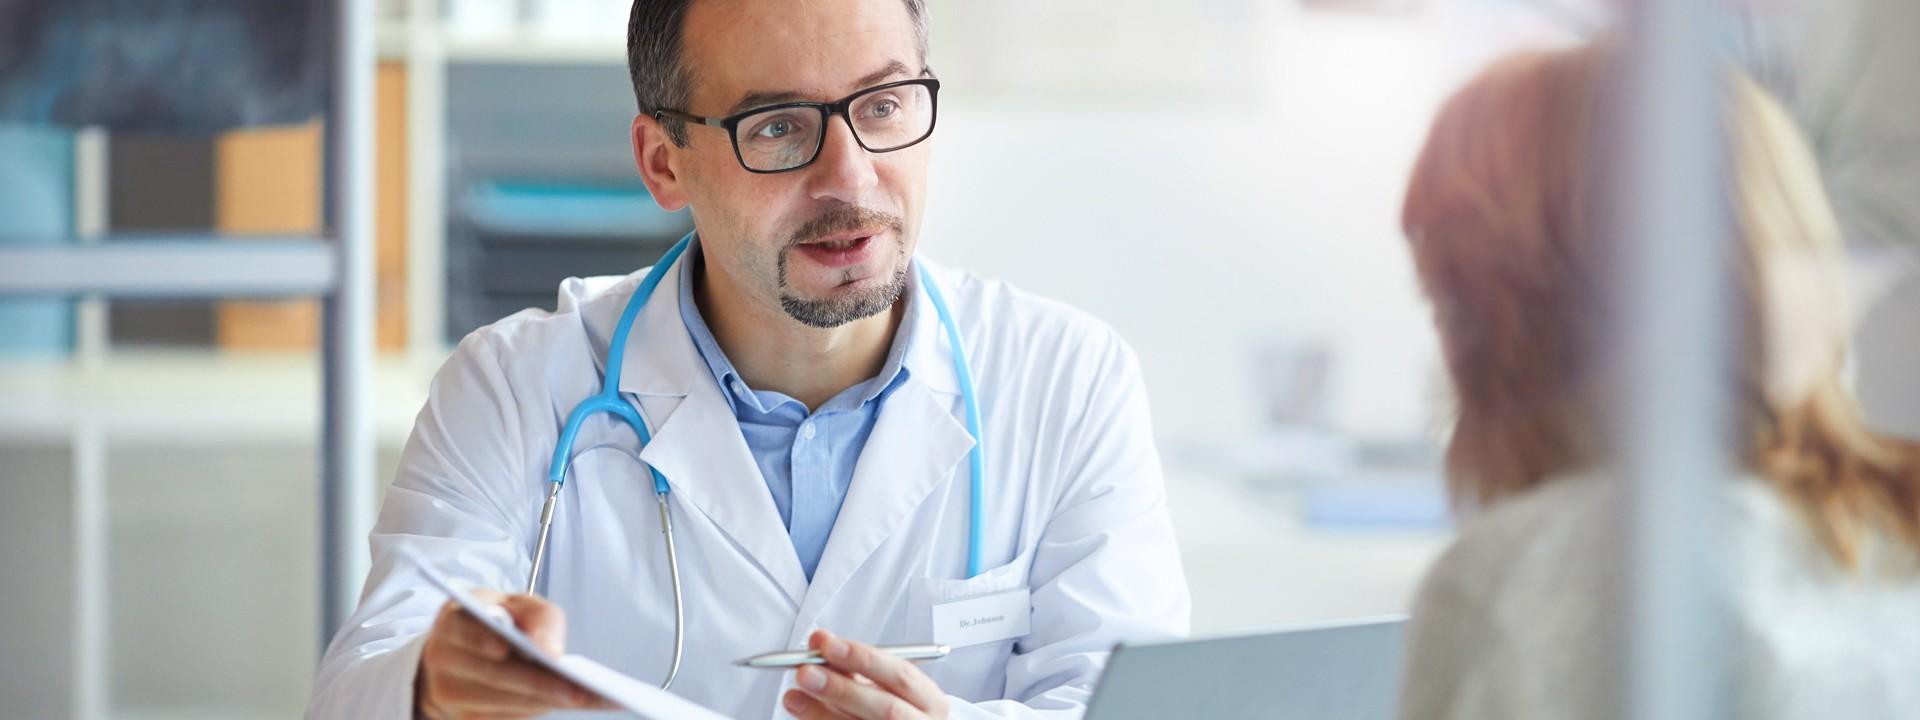 Ein etwa 45 jähriger Arzt berät eine Frau in einem Behandlungszimmer. Auf dem Tisch zwischen ihnen steht ein Laptop.